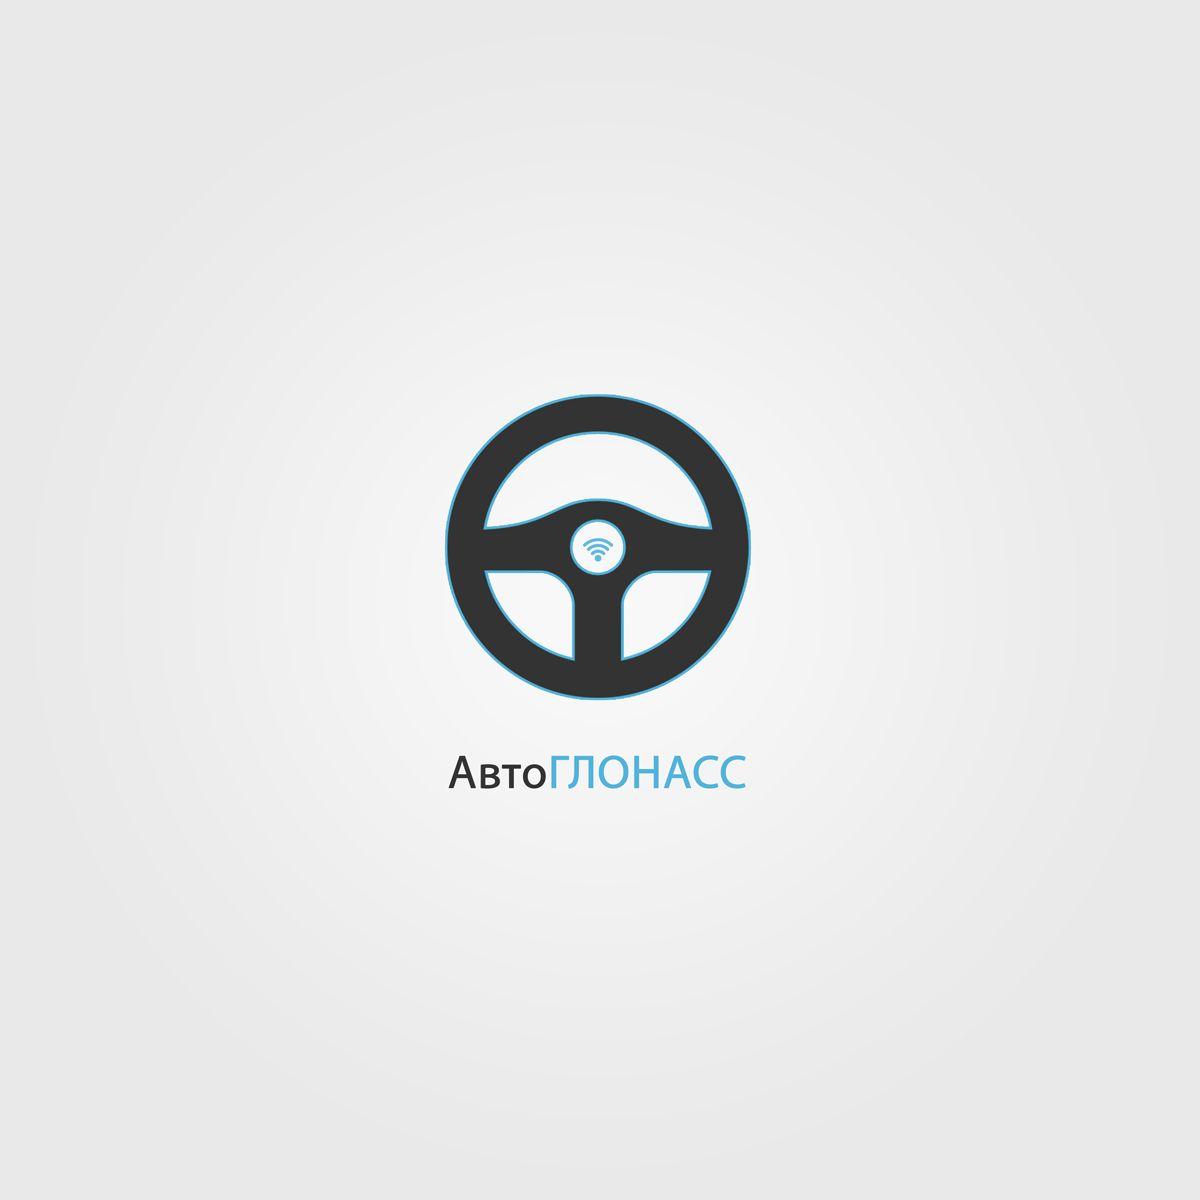 Логотип и фирменный стиль проекта АвтоГЛОНАСС - дизайнер Luetz